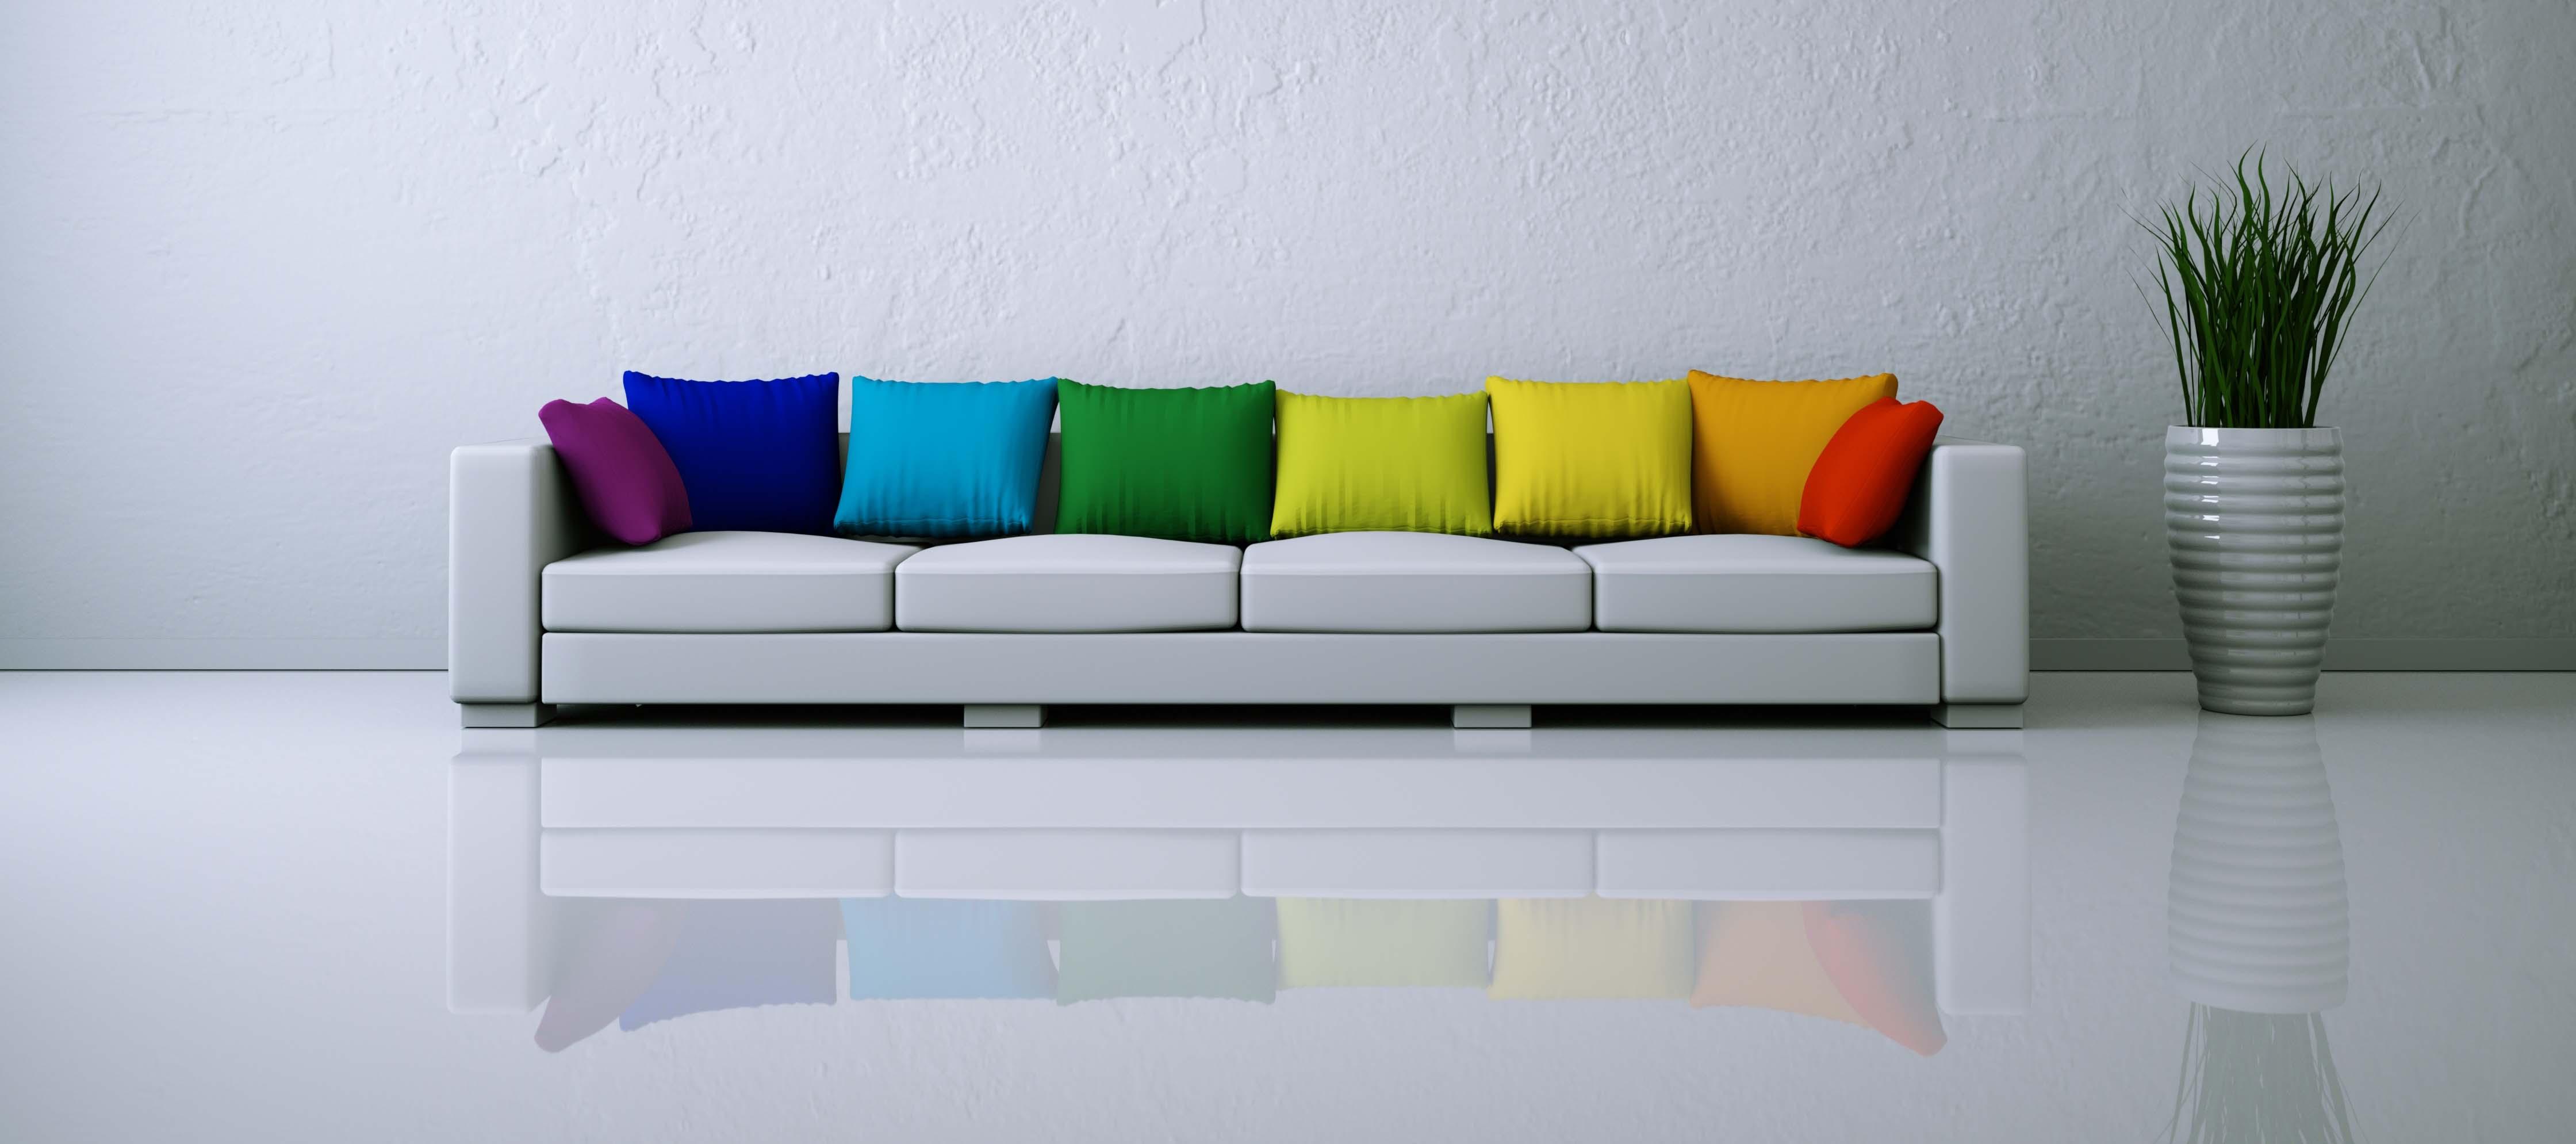 Home made : Relookez vos vieux coussins avec des tissus colorés !